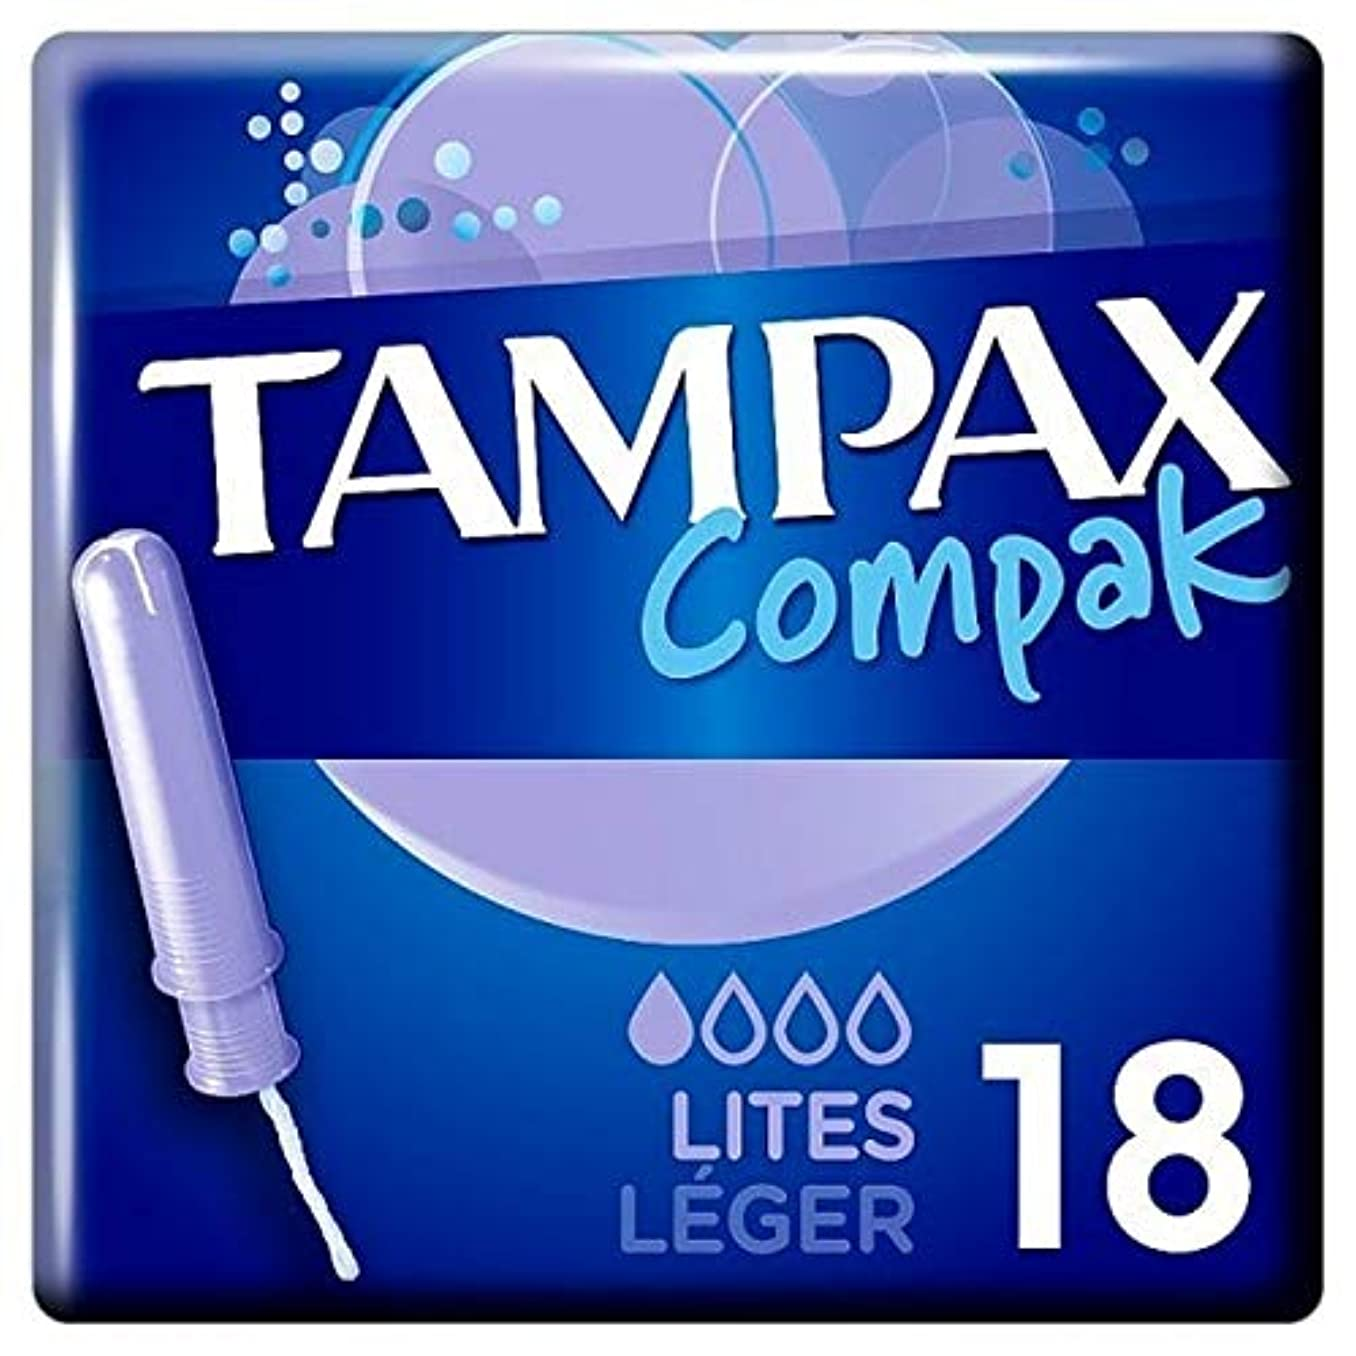 窒息させる科学者合金[Tampax] タンポンのCompak Liteのアプリケータタンポンシングル18Pk - Tampax Compak Lite Applicator Tampon Single 18PK [並行輸入品]